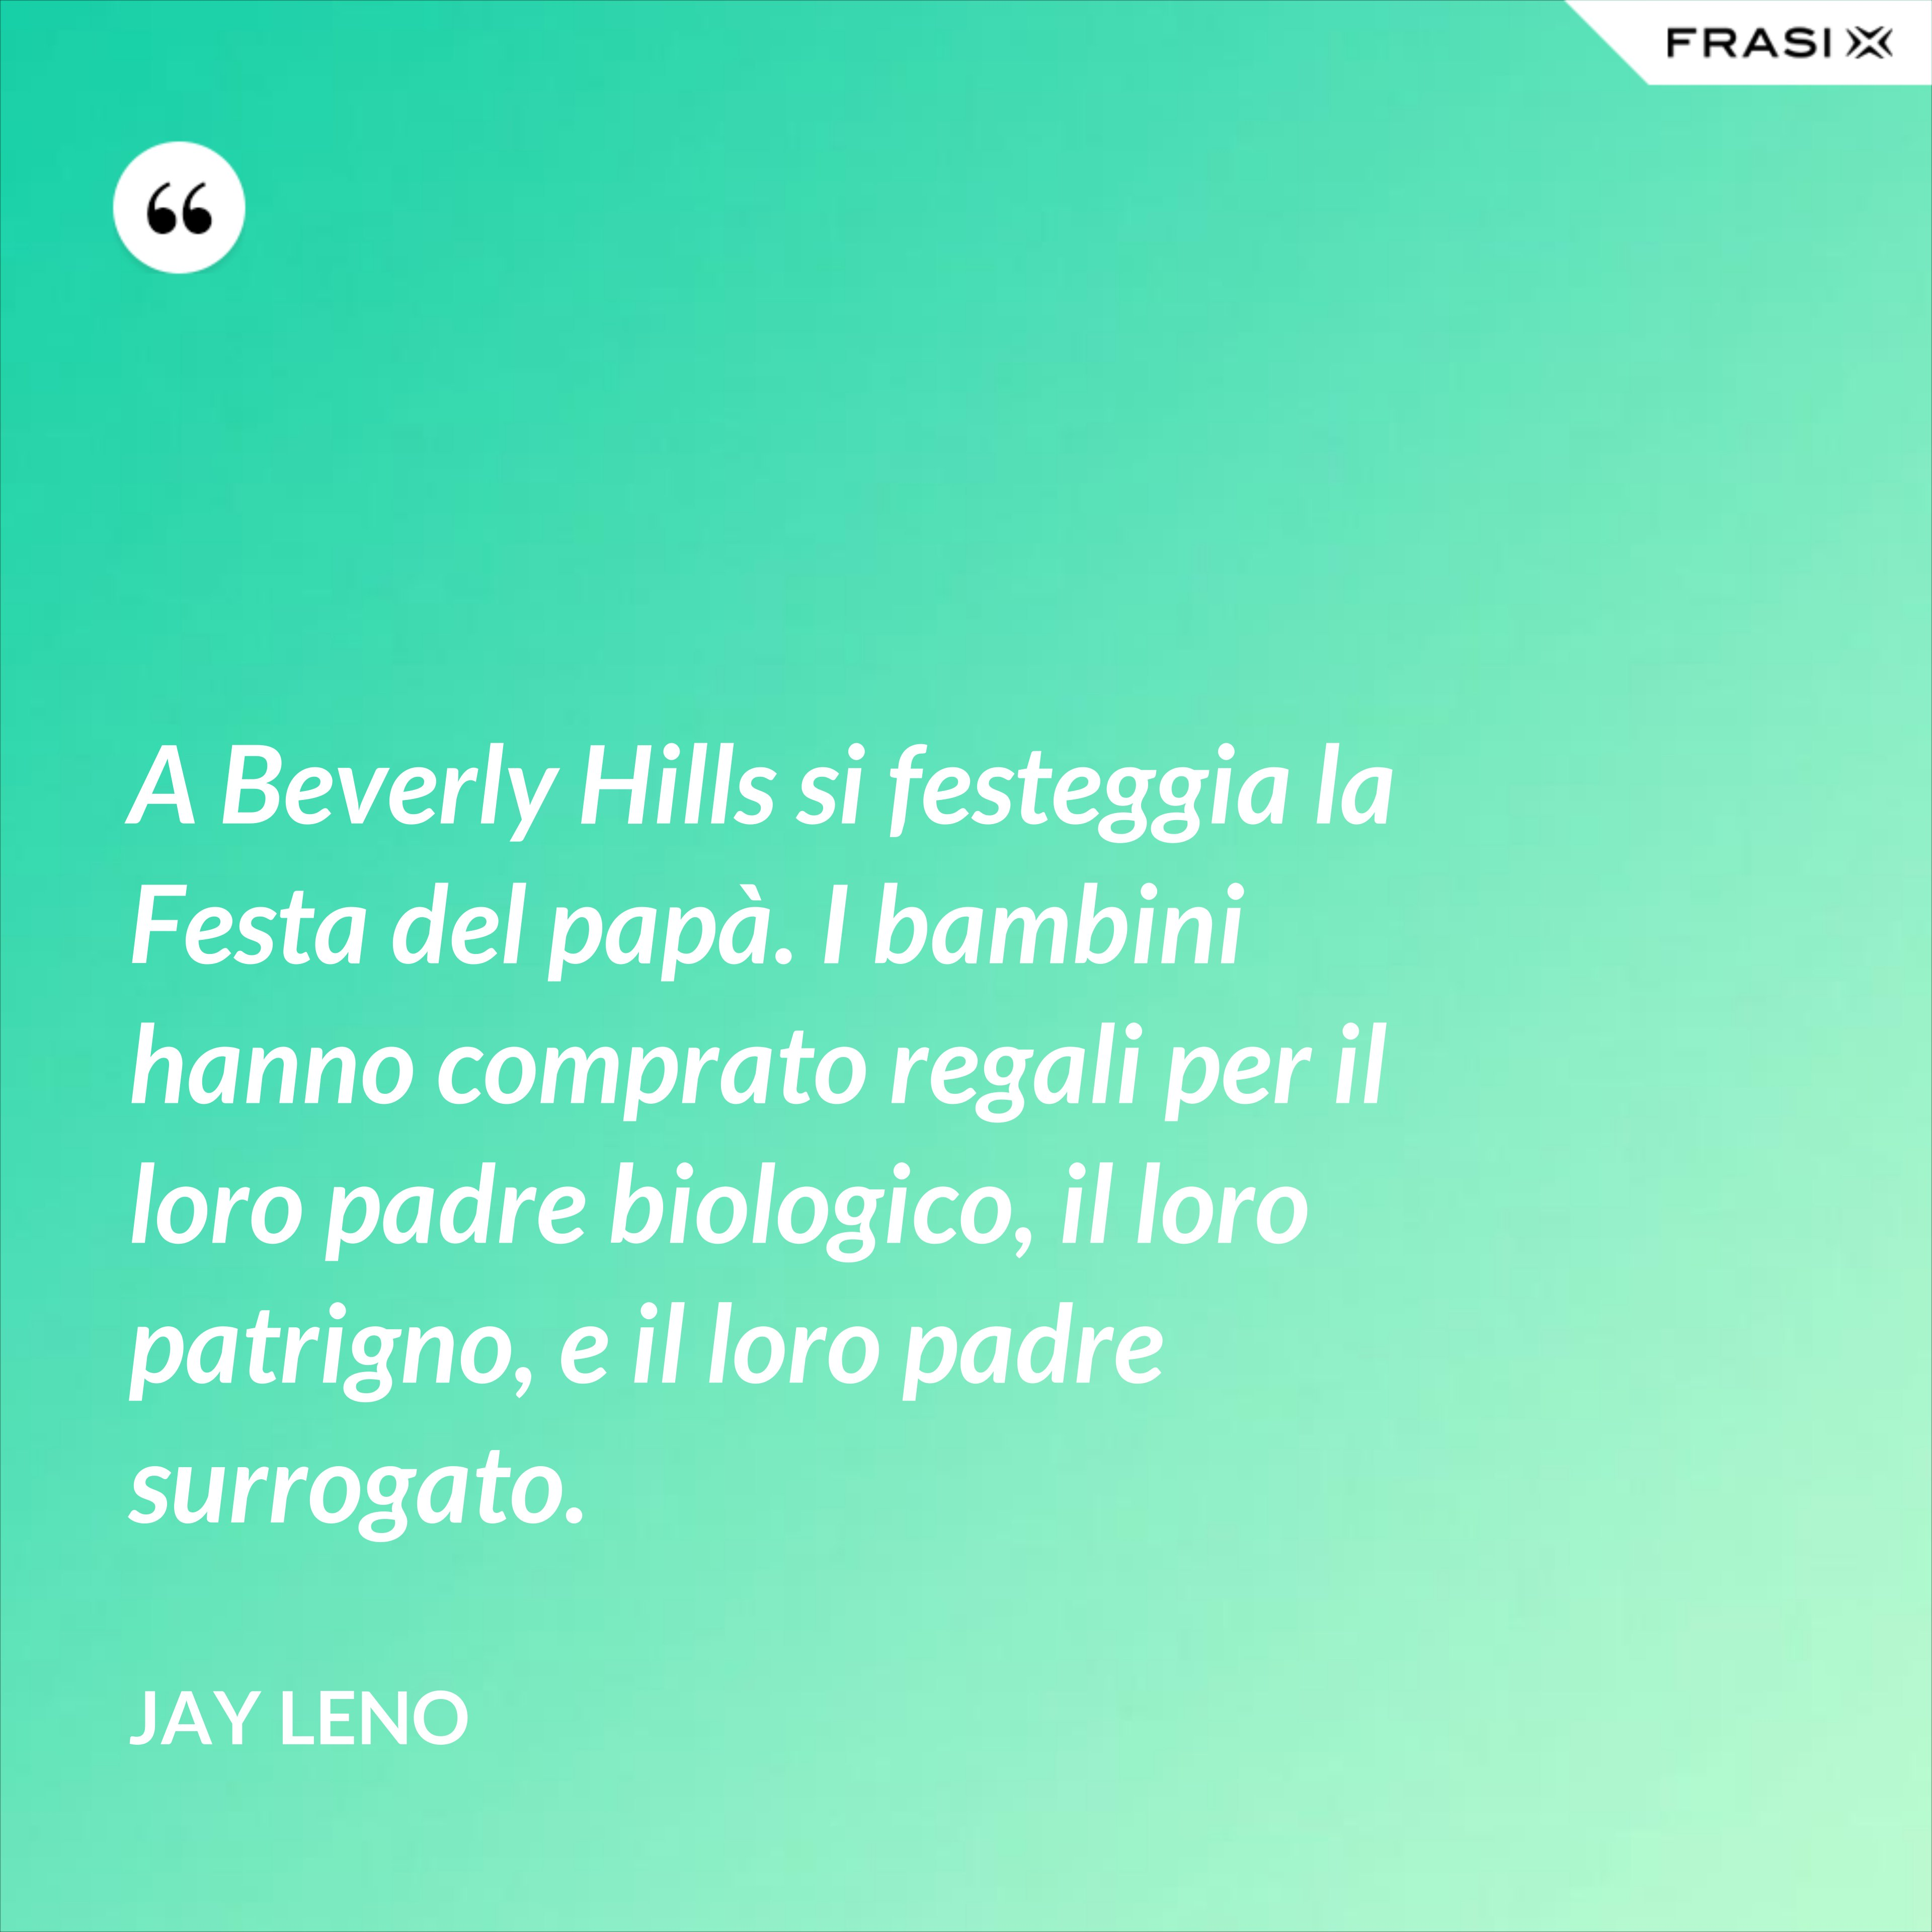 A Beverly Hills si festeggia la Festa del papà. I bambini hanno comprato regali per il loro padre biologico, il loro patrigno, e il loro padre surrogato. - Jay Leno